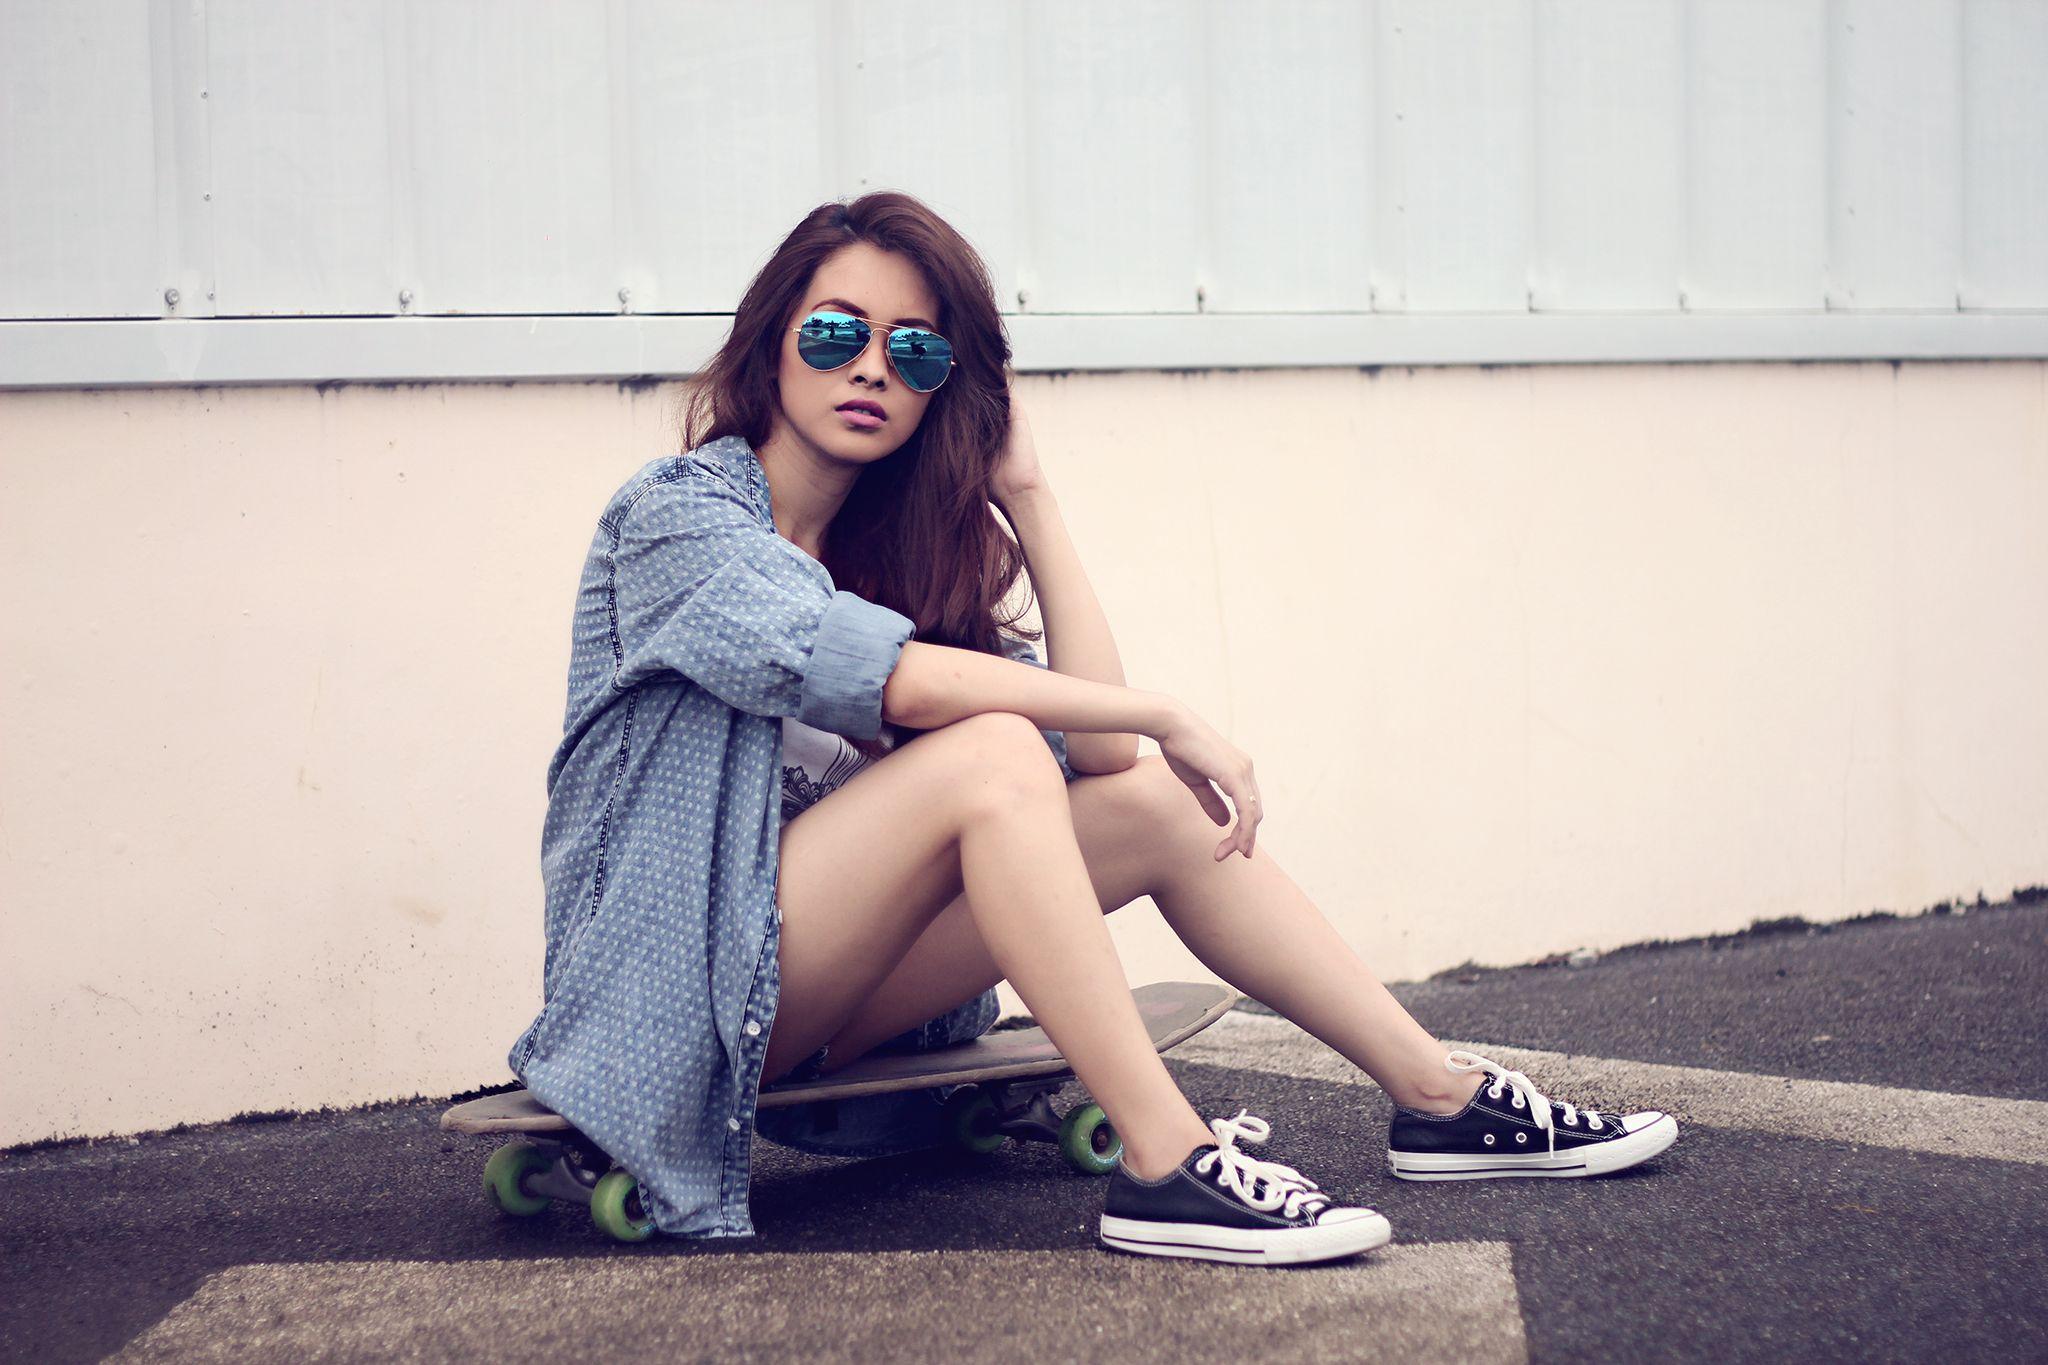 skater girl - Google Search | Skater girl | Skater girl ...